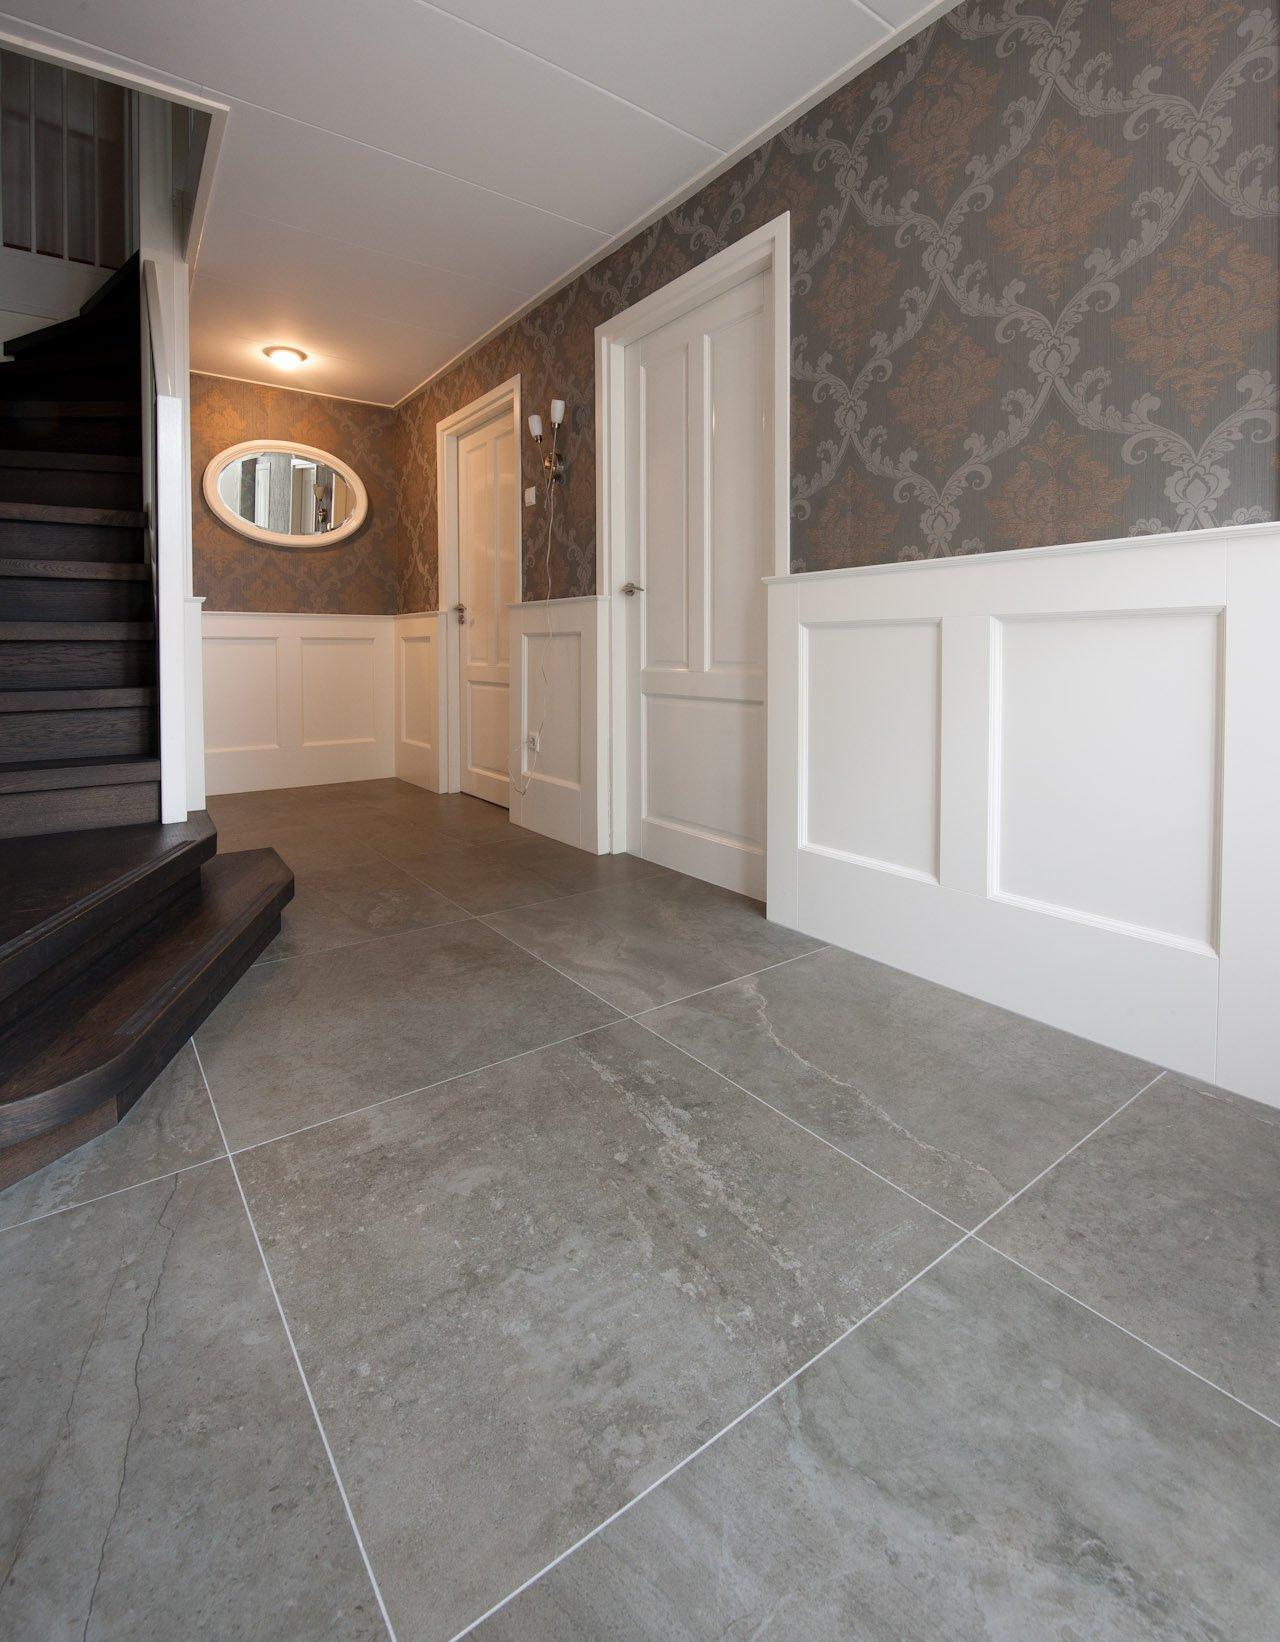 Grote tegels in hal en badkamer kroon vloeren in steen - Deco hal originele badkamer ...